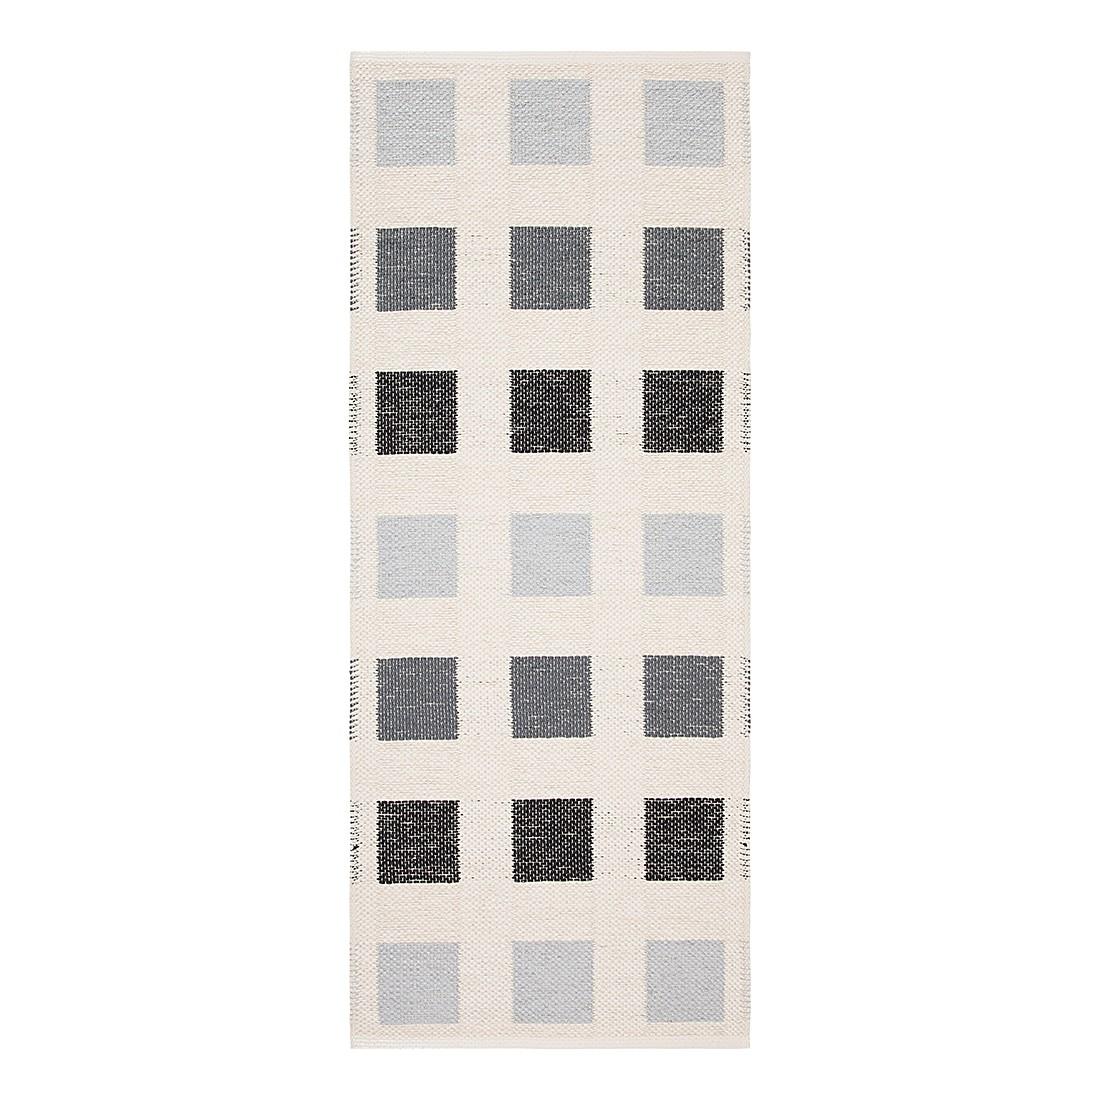 In-/Outdoorteppich Cubo I – Kunstfaser Schwarz/Grau/Cremeweiß – 60 x 190 cm, Swedy günstig bestellen